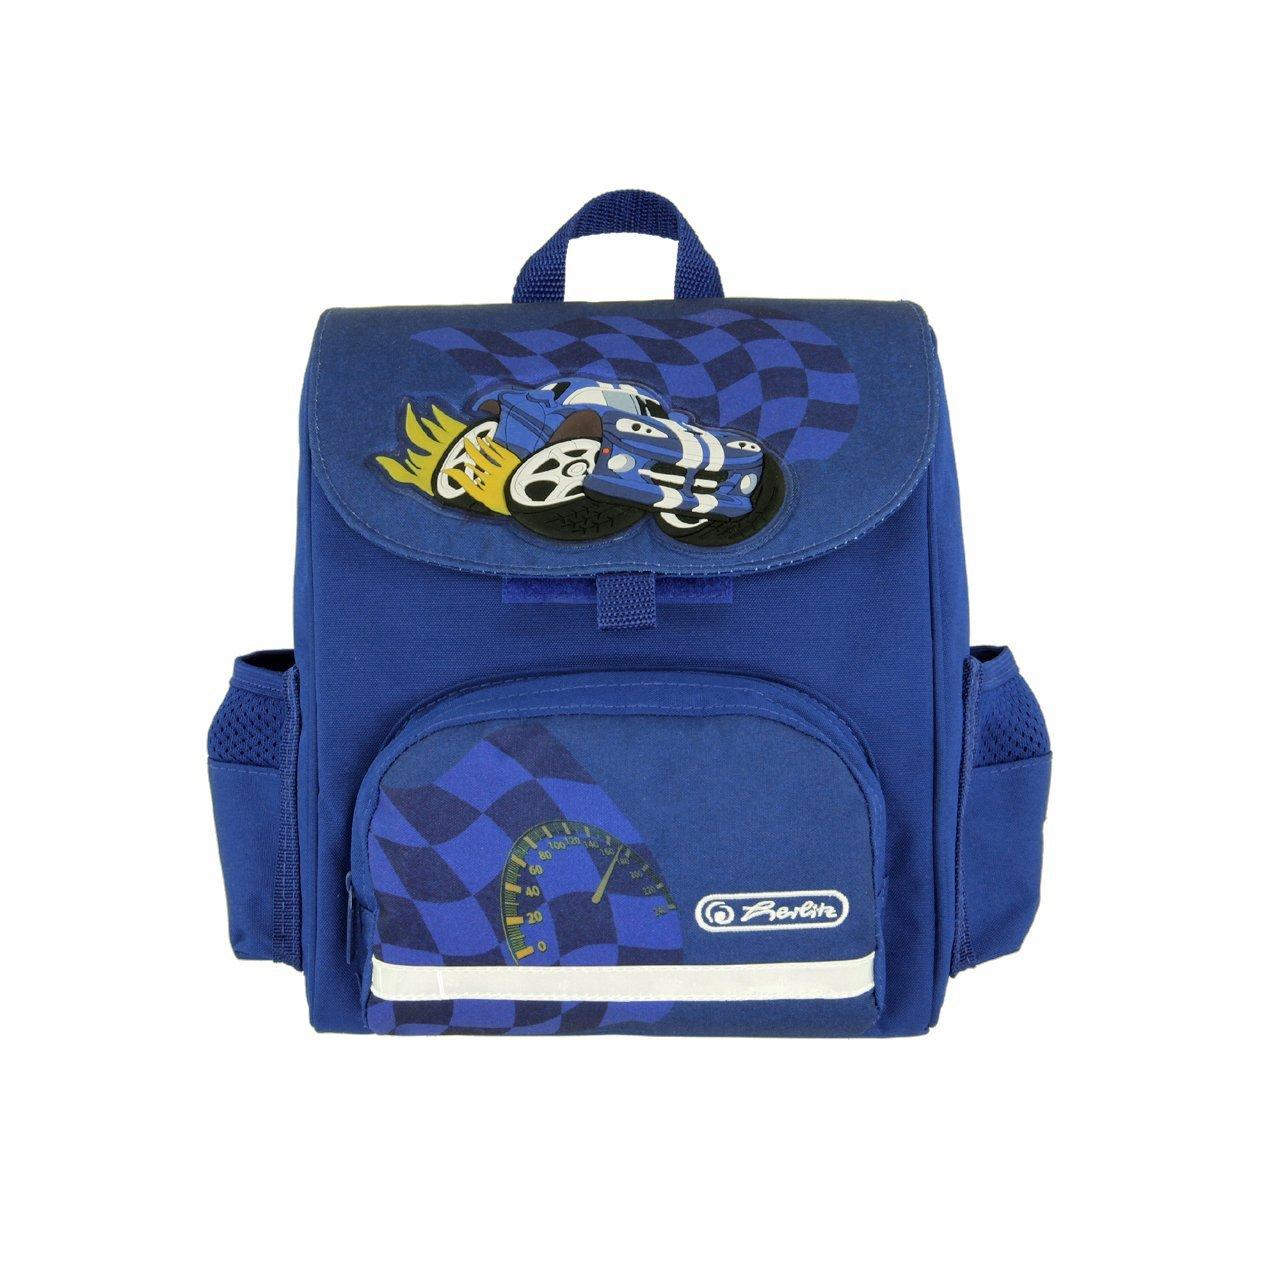 Ранец дошкольный Mini Softbag – Thunder, без наполненияДетские рюкзаки<br>Ранец дошкольный Mini Softbag – Thunder, без наполнения<br>